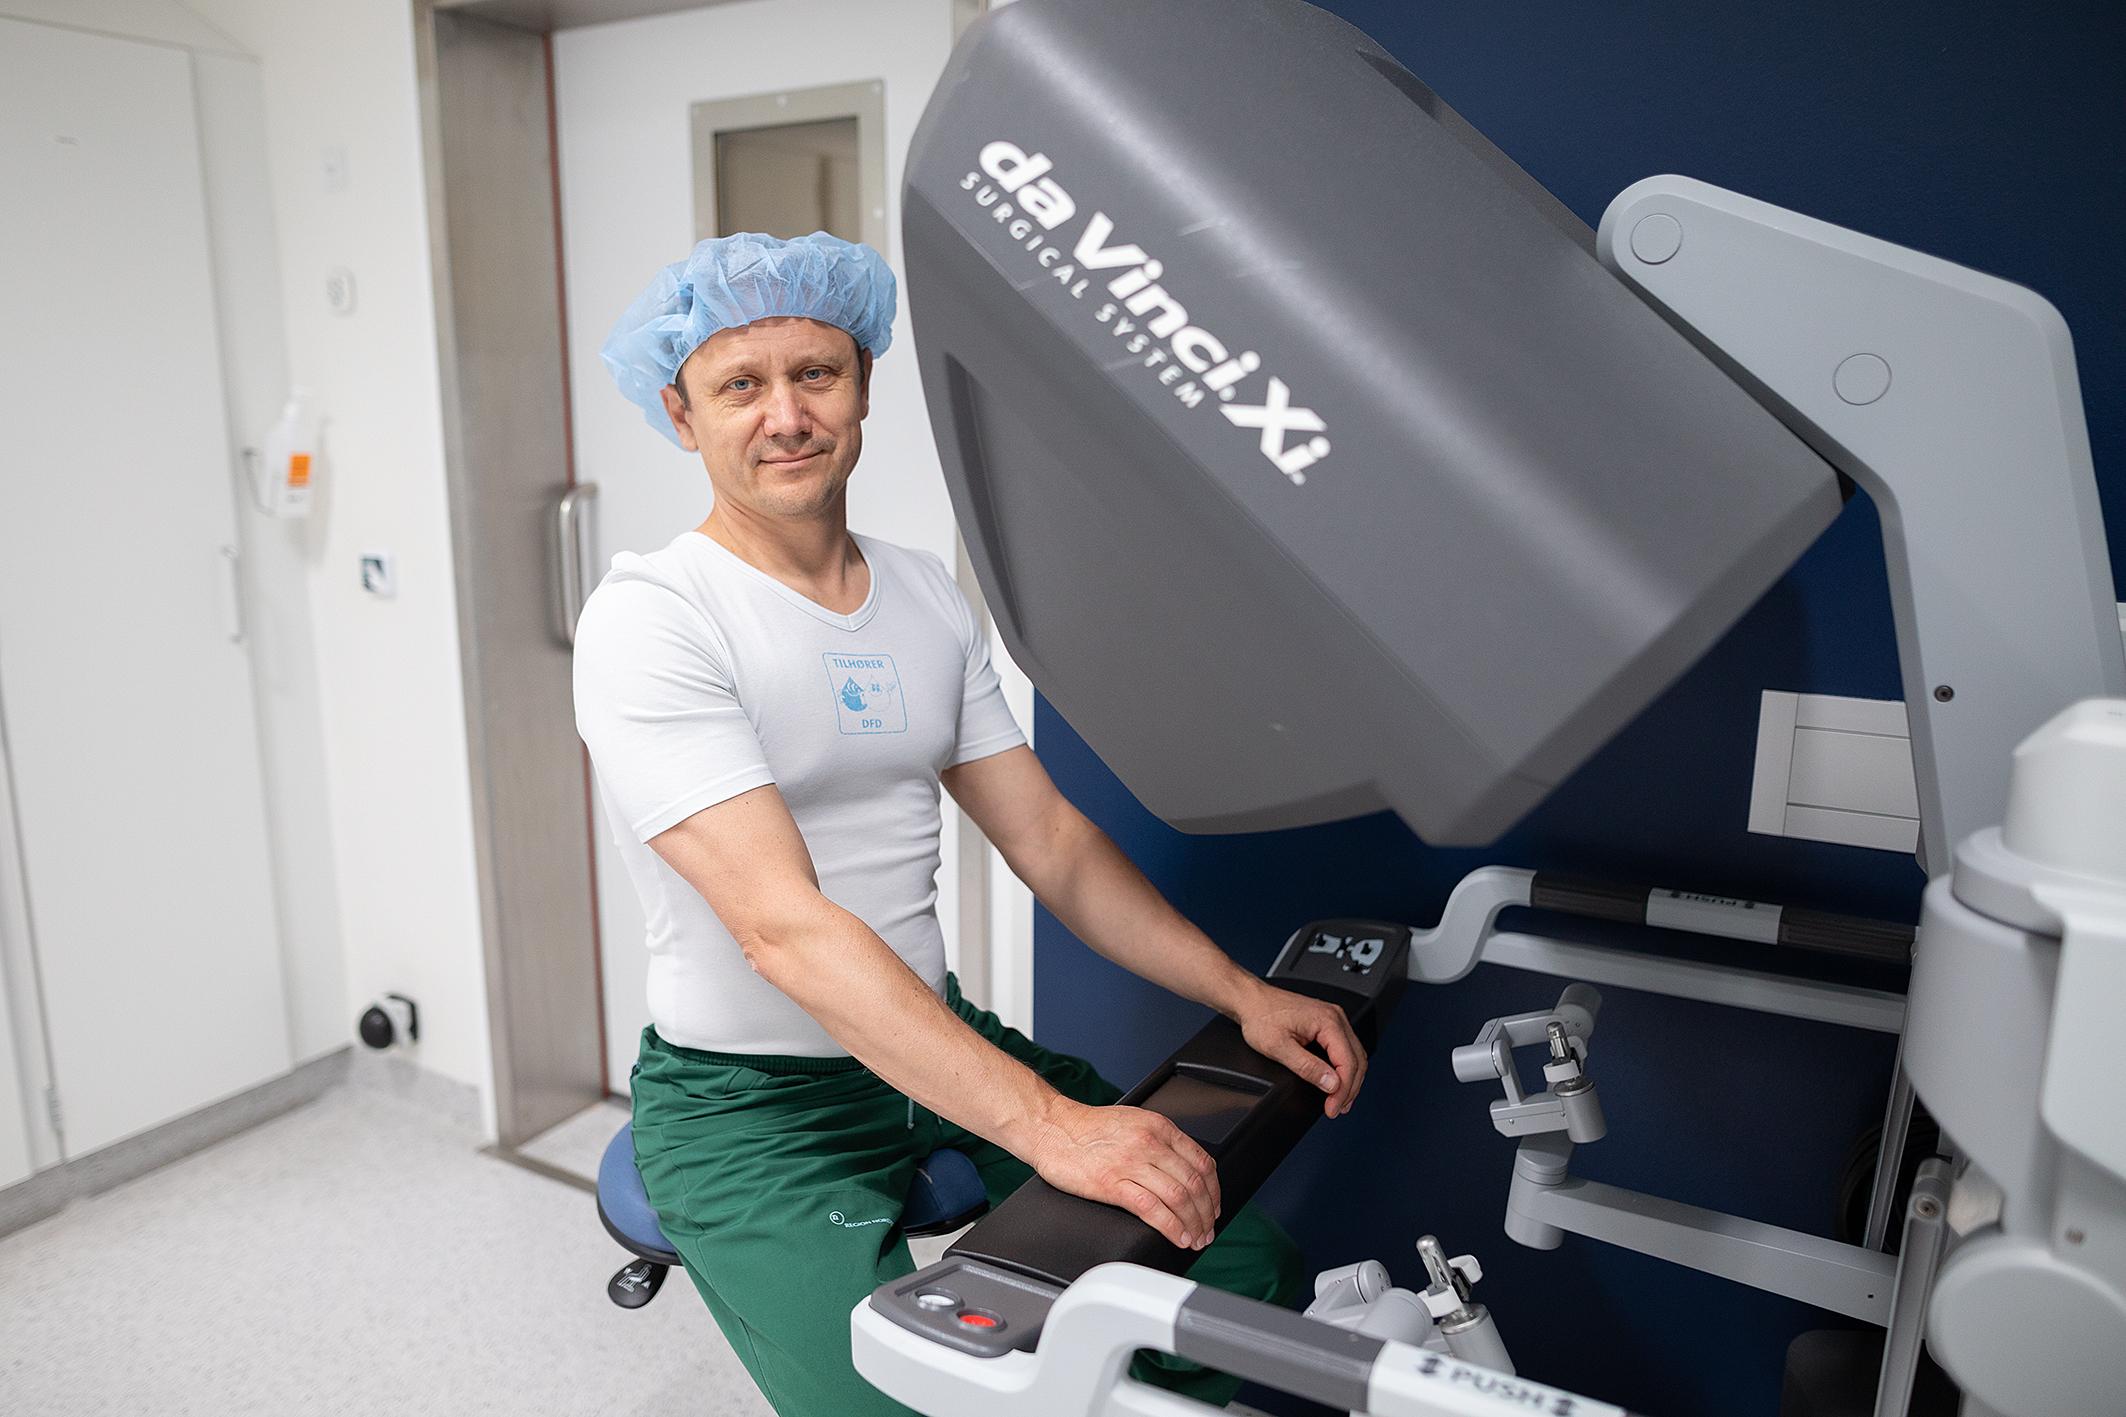 Flotte resultater: Aalborg Universitetshospital kåret som bedst til kræftoperation